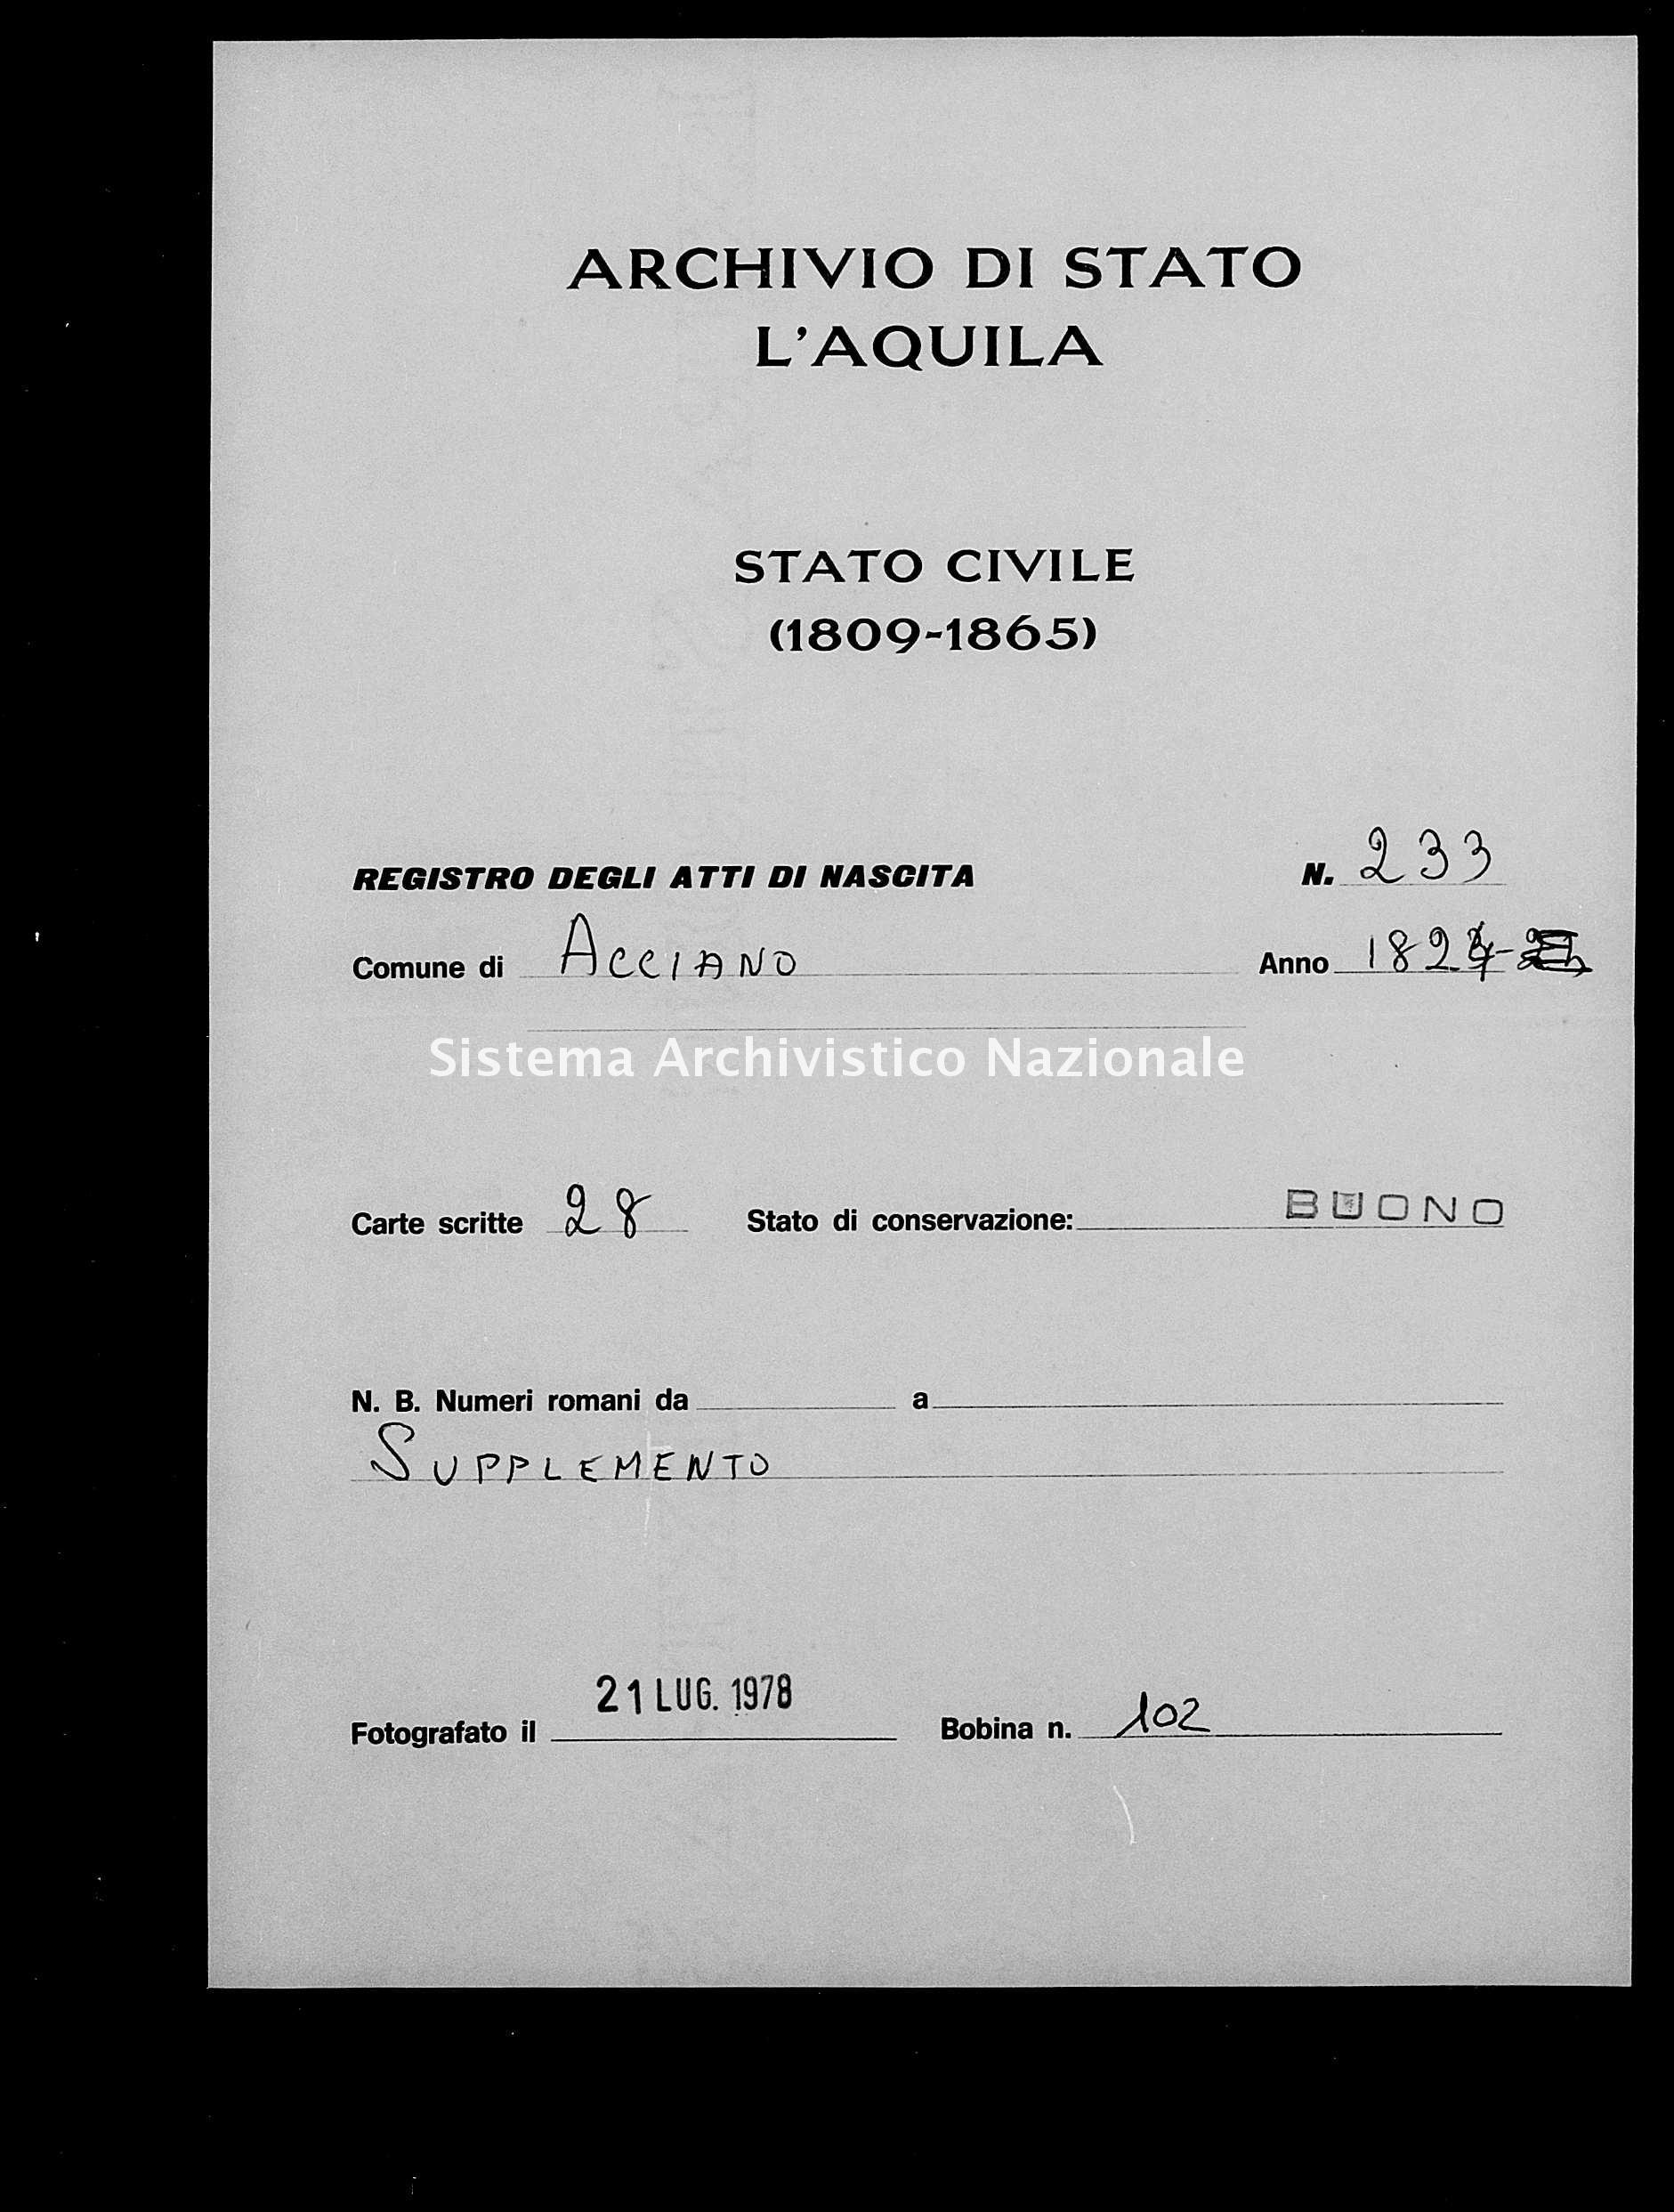 Archivio di stato di L'aquila - Stato civile della restaurazione - Acciano - Nati, battesimi - 1824 - 233 -